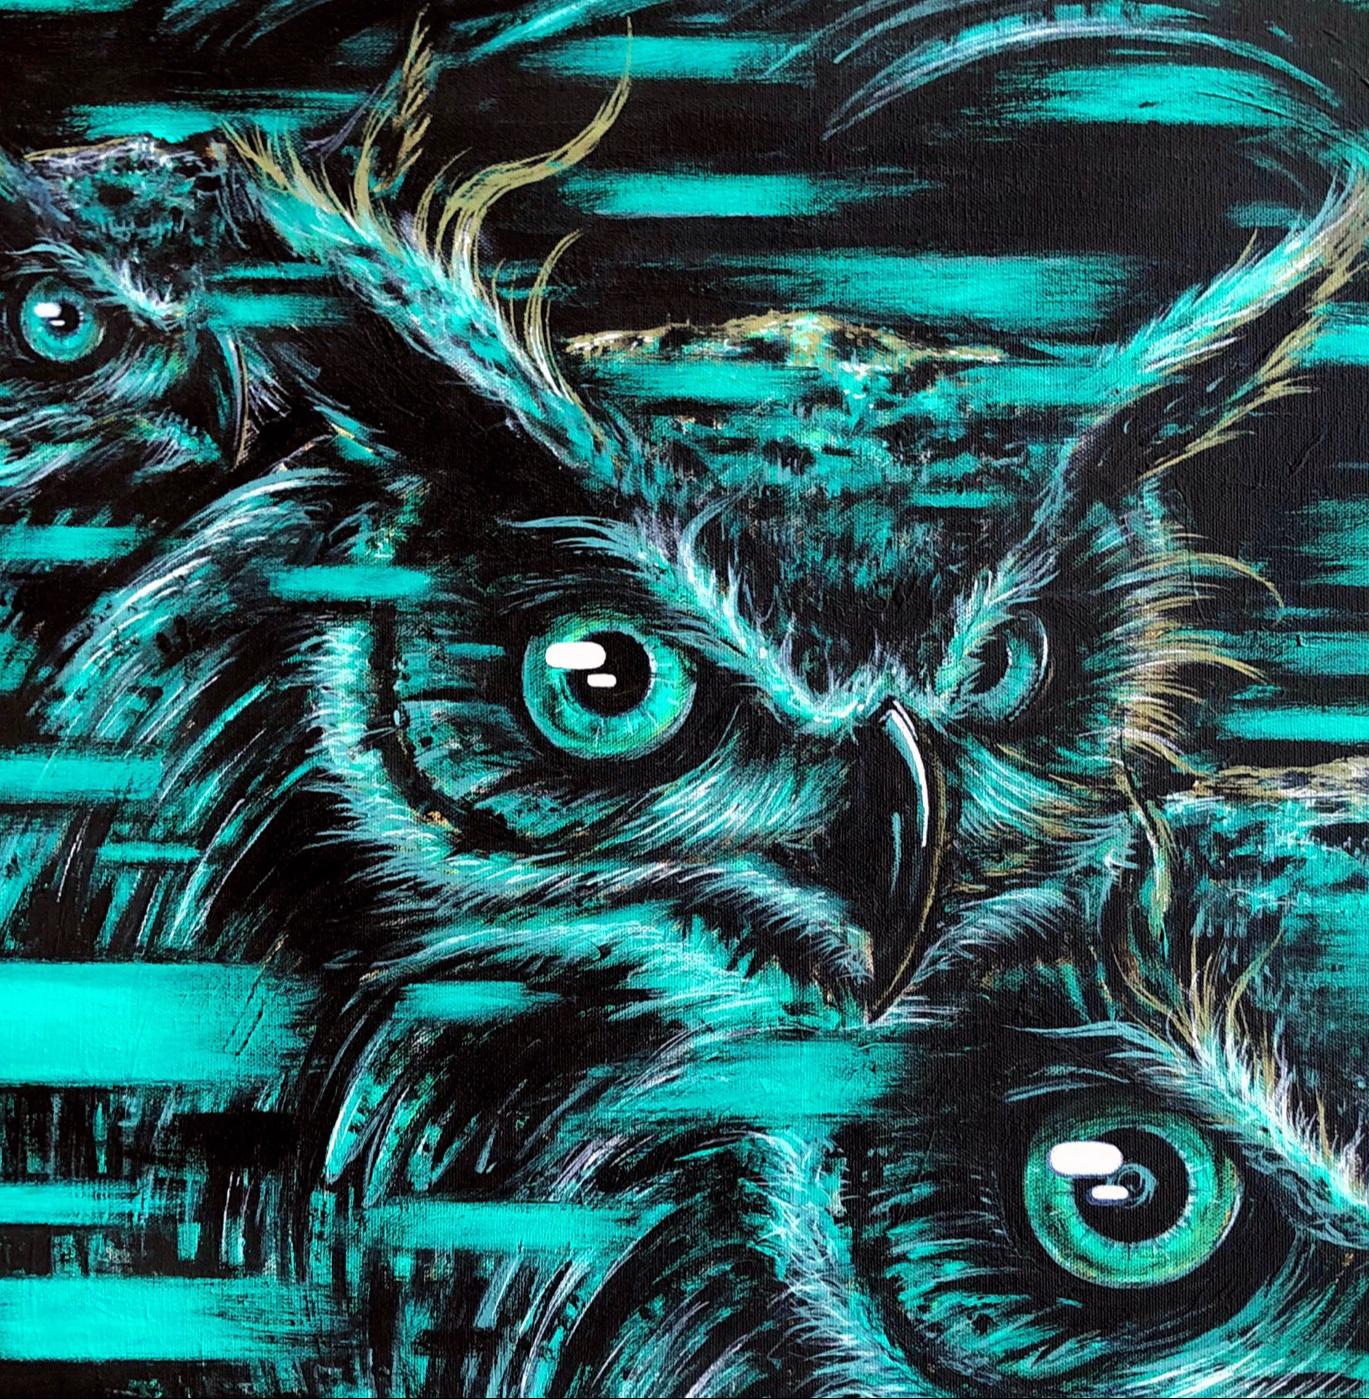 artigall: Drop-in Kunstwerk Detailansicht